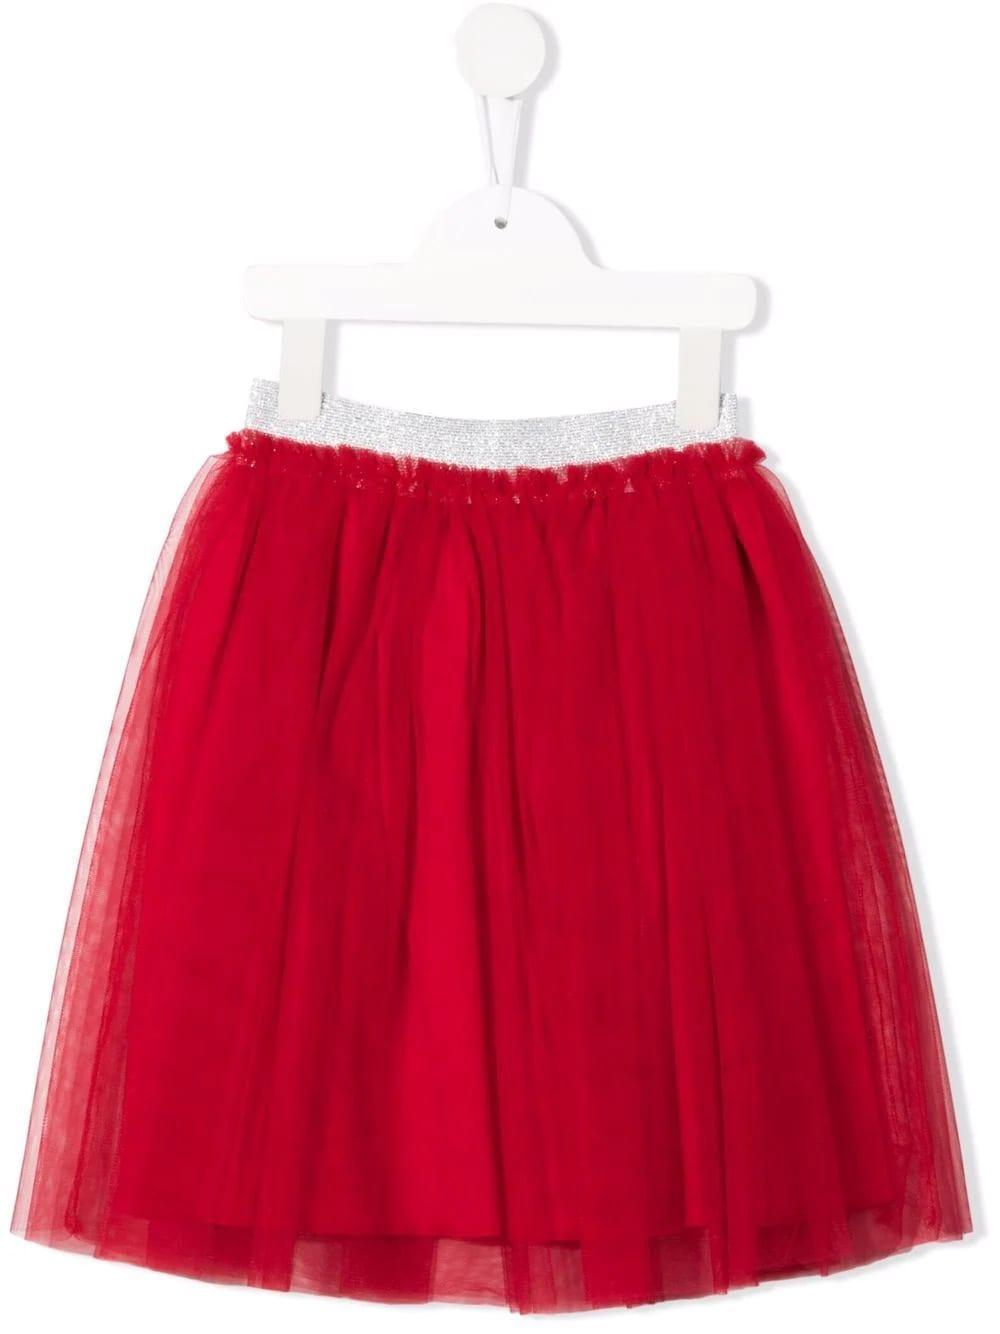 Kids Skirt In Red Tulle